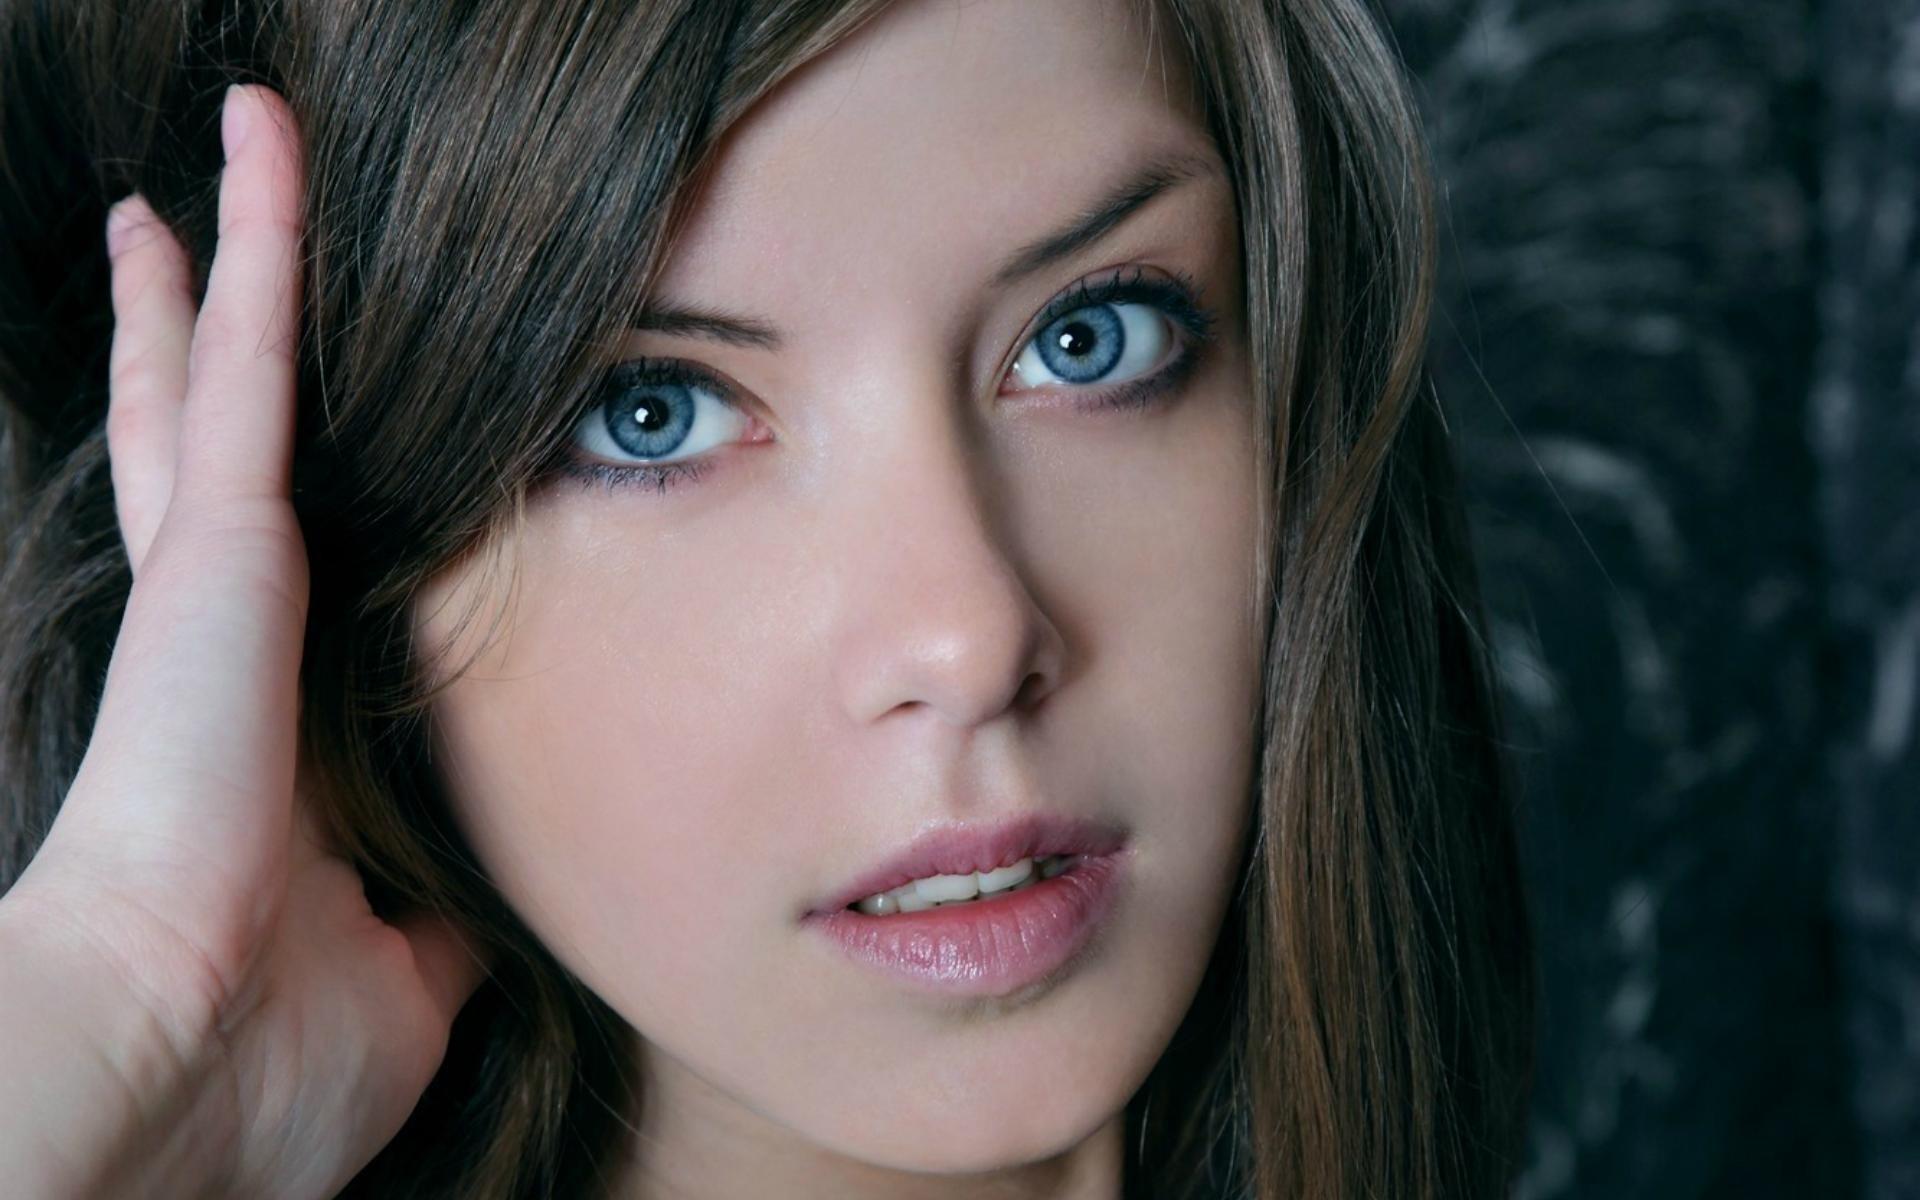 Картинки Голубые глаза, глаза, девушка фото и обои на рабочий стол